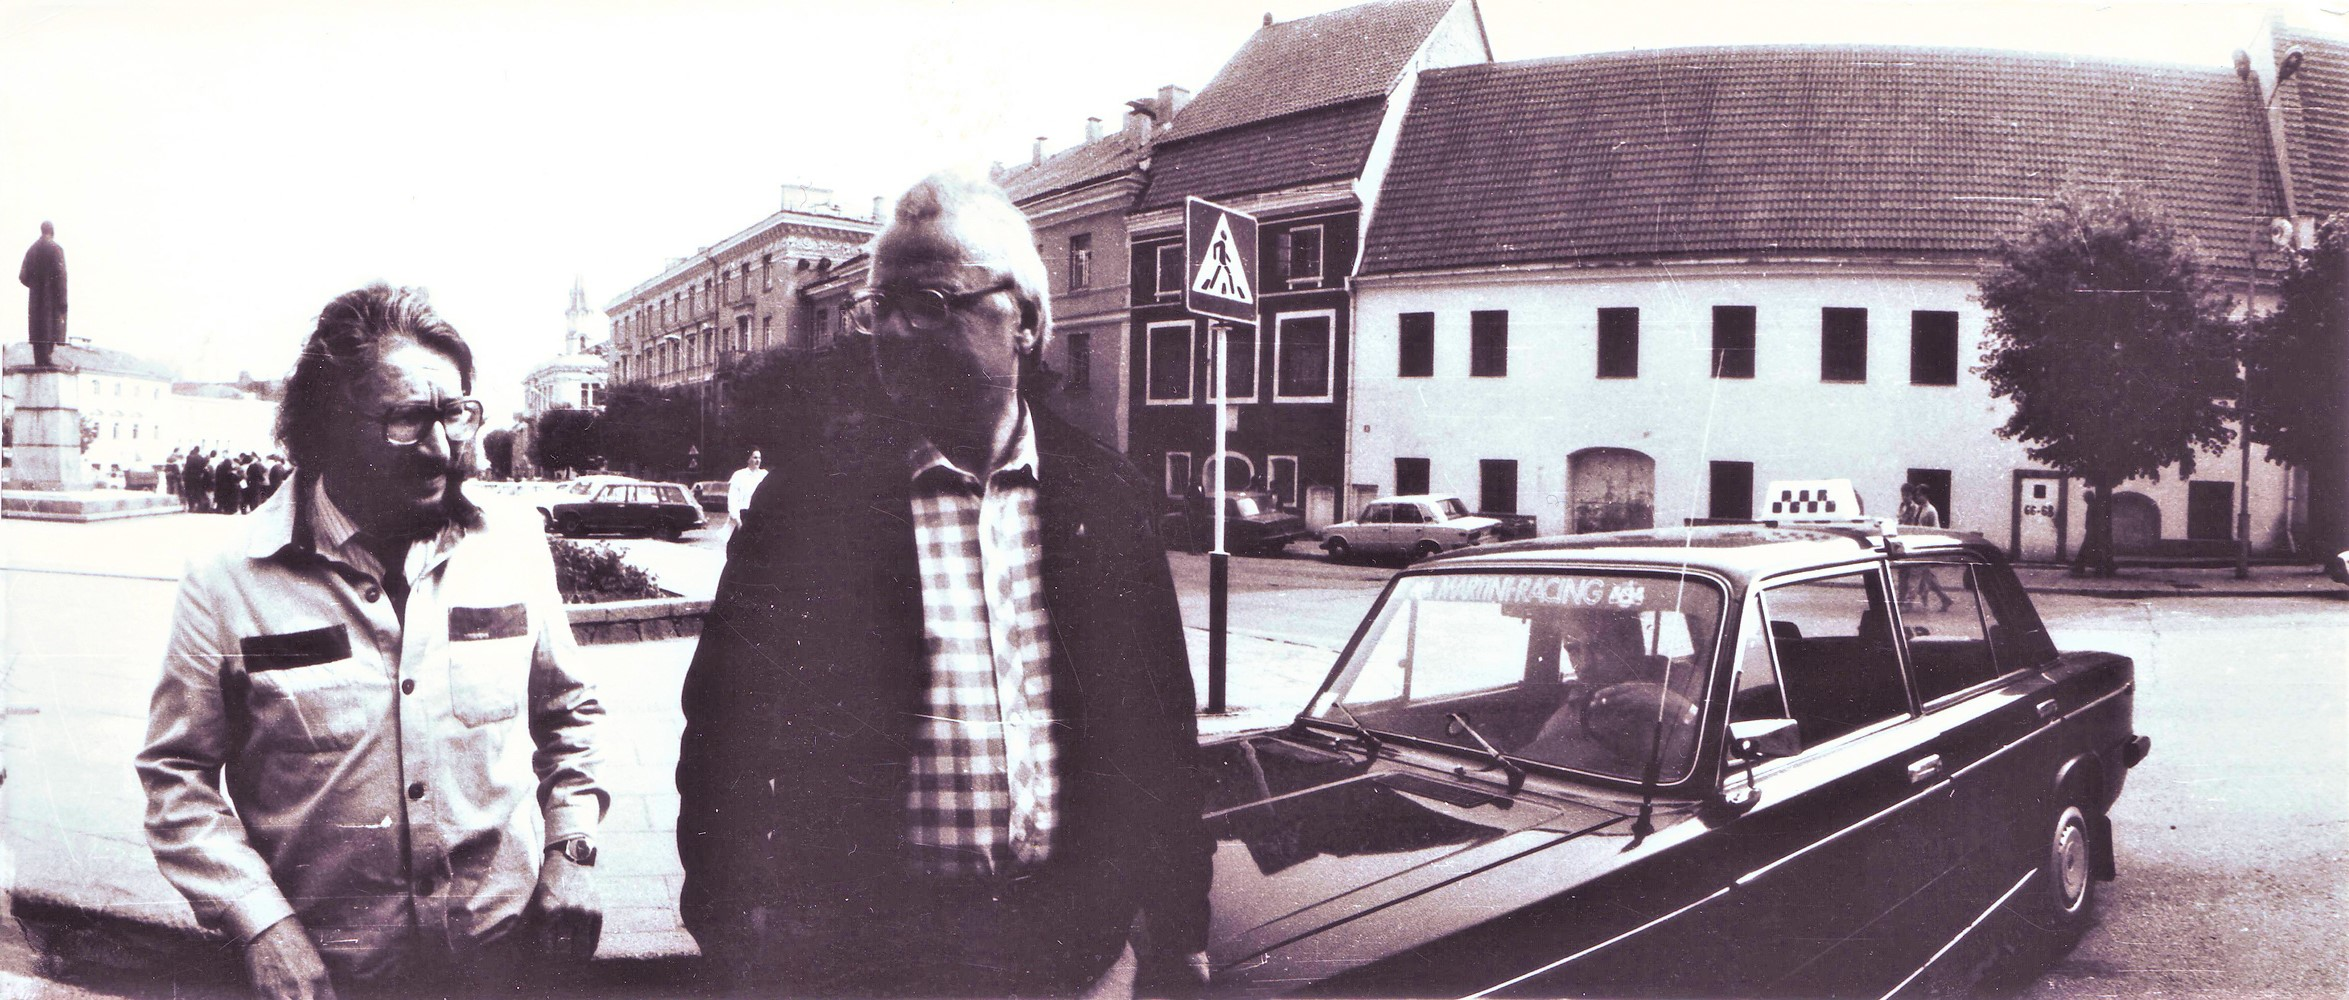 Bronius Kutavičius ir Sigitas Geda Vilniuje 1988 m. | A. Tarvydo nuotr.